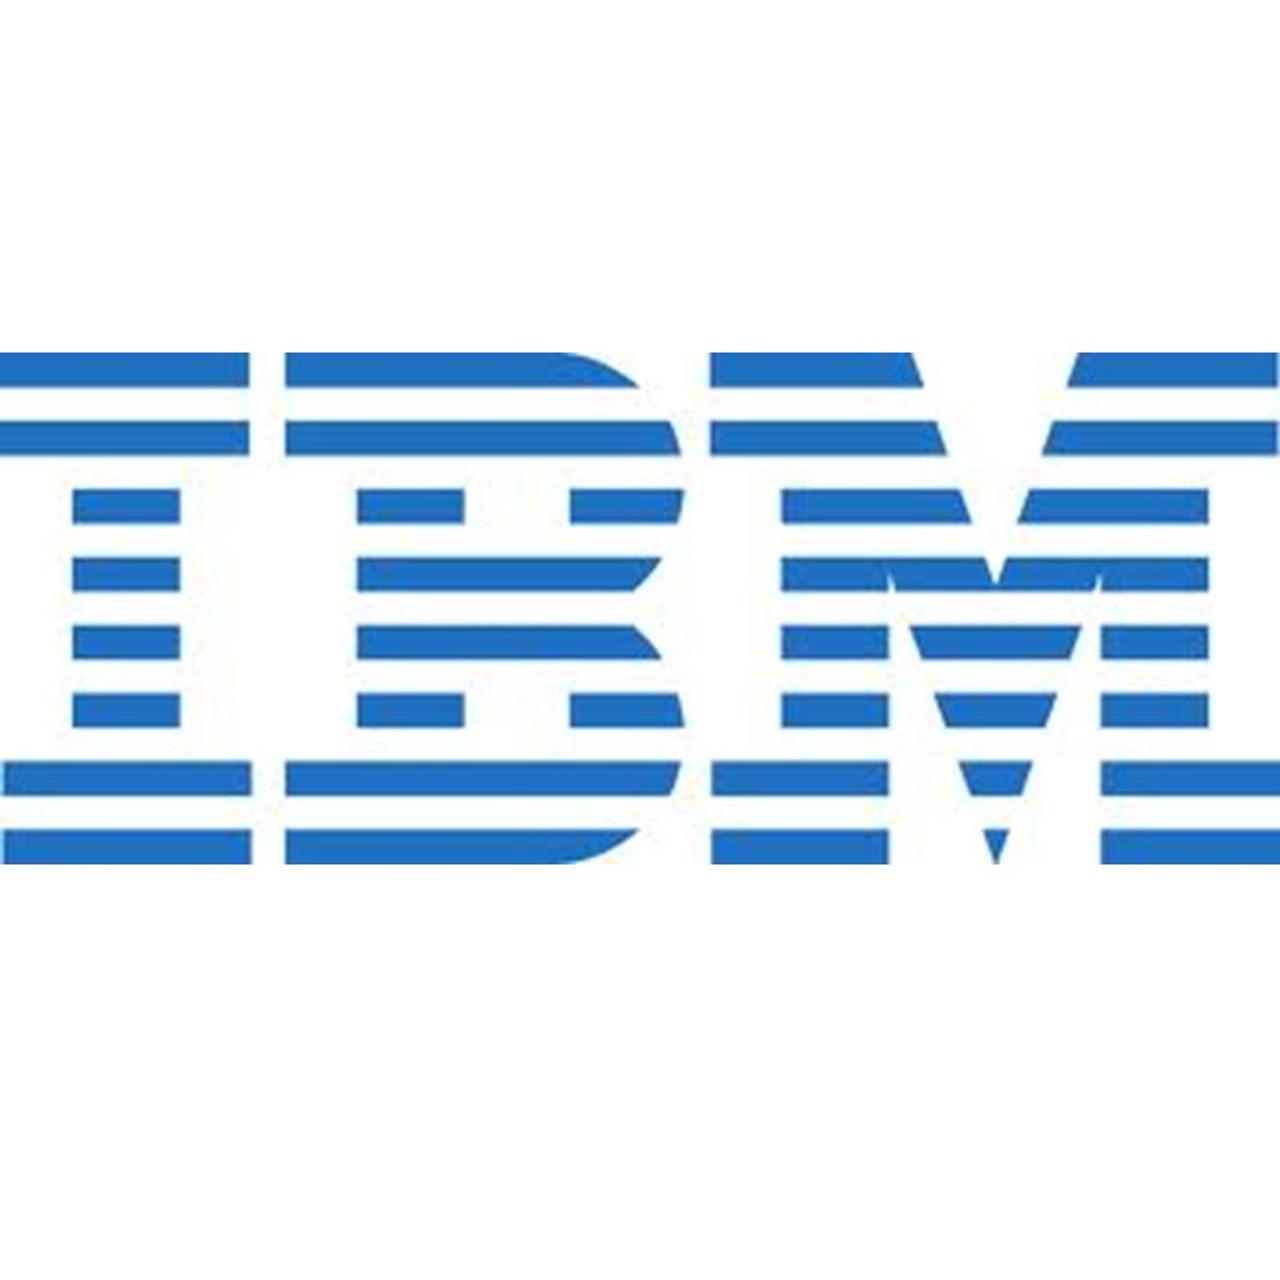 IBM 1145 Laser Printer Toner Cartridge - New